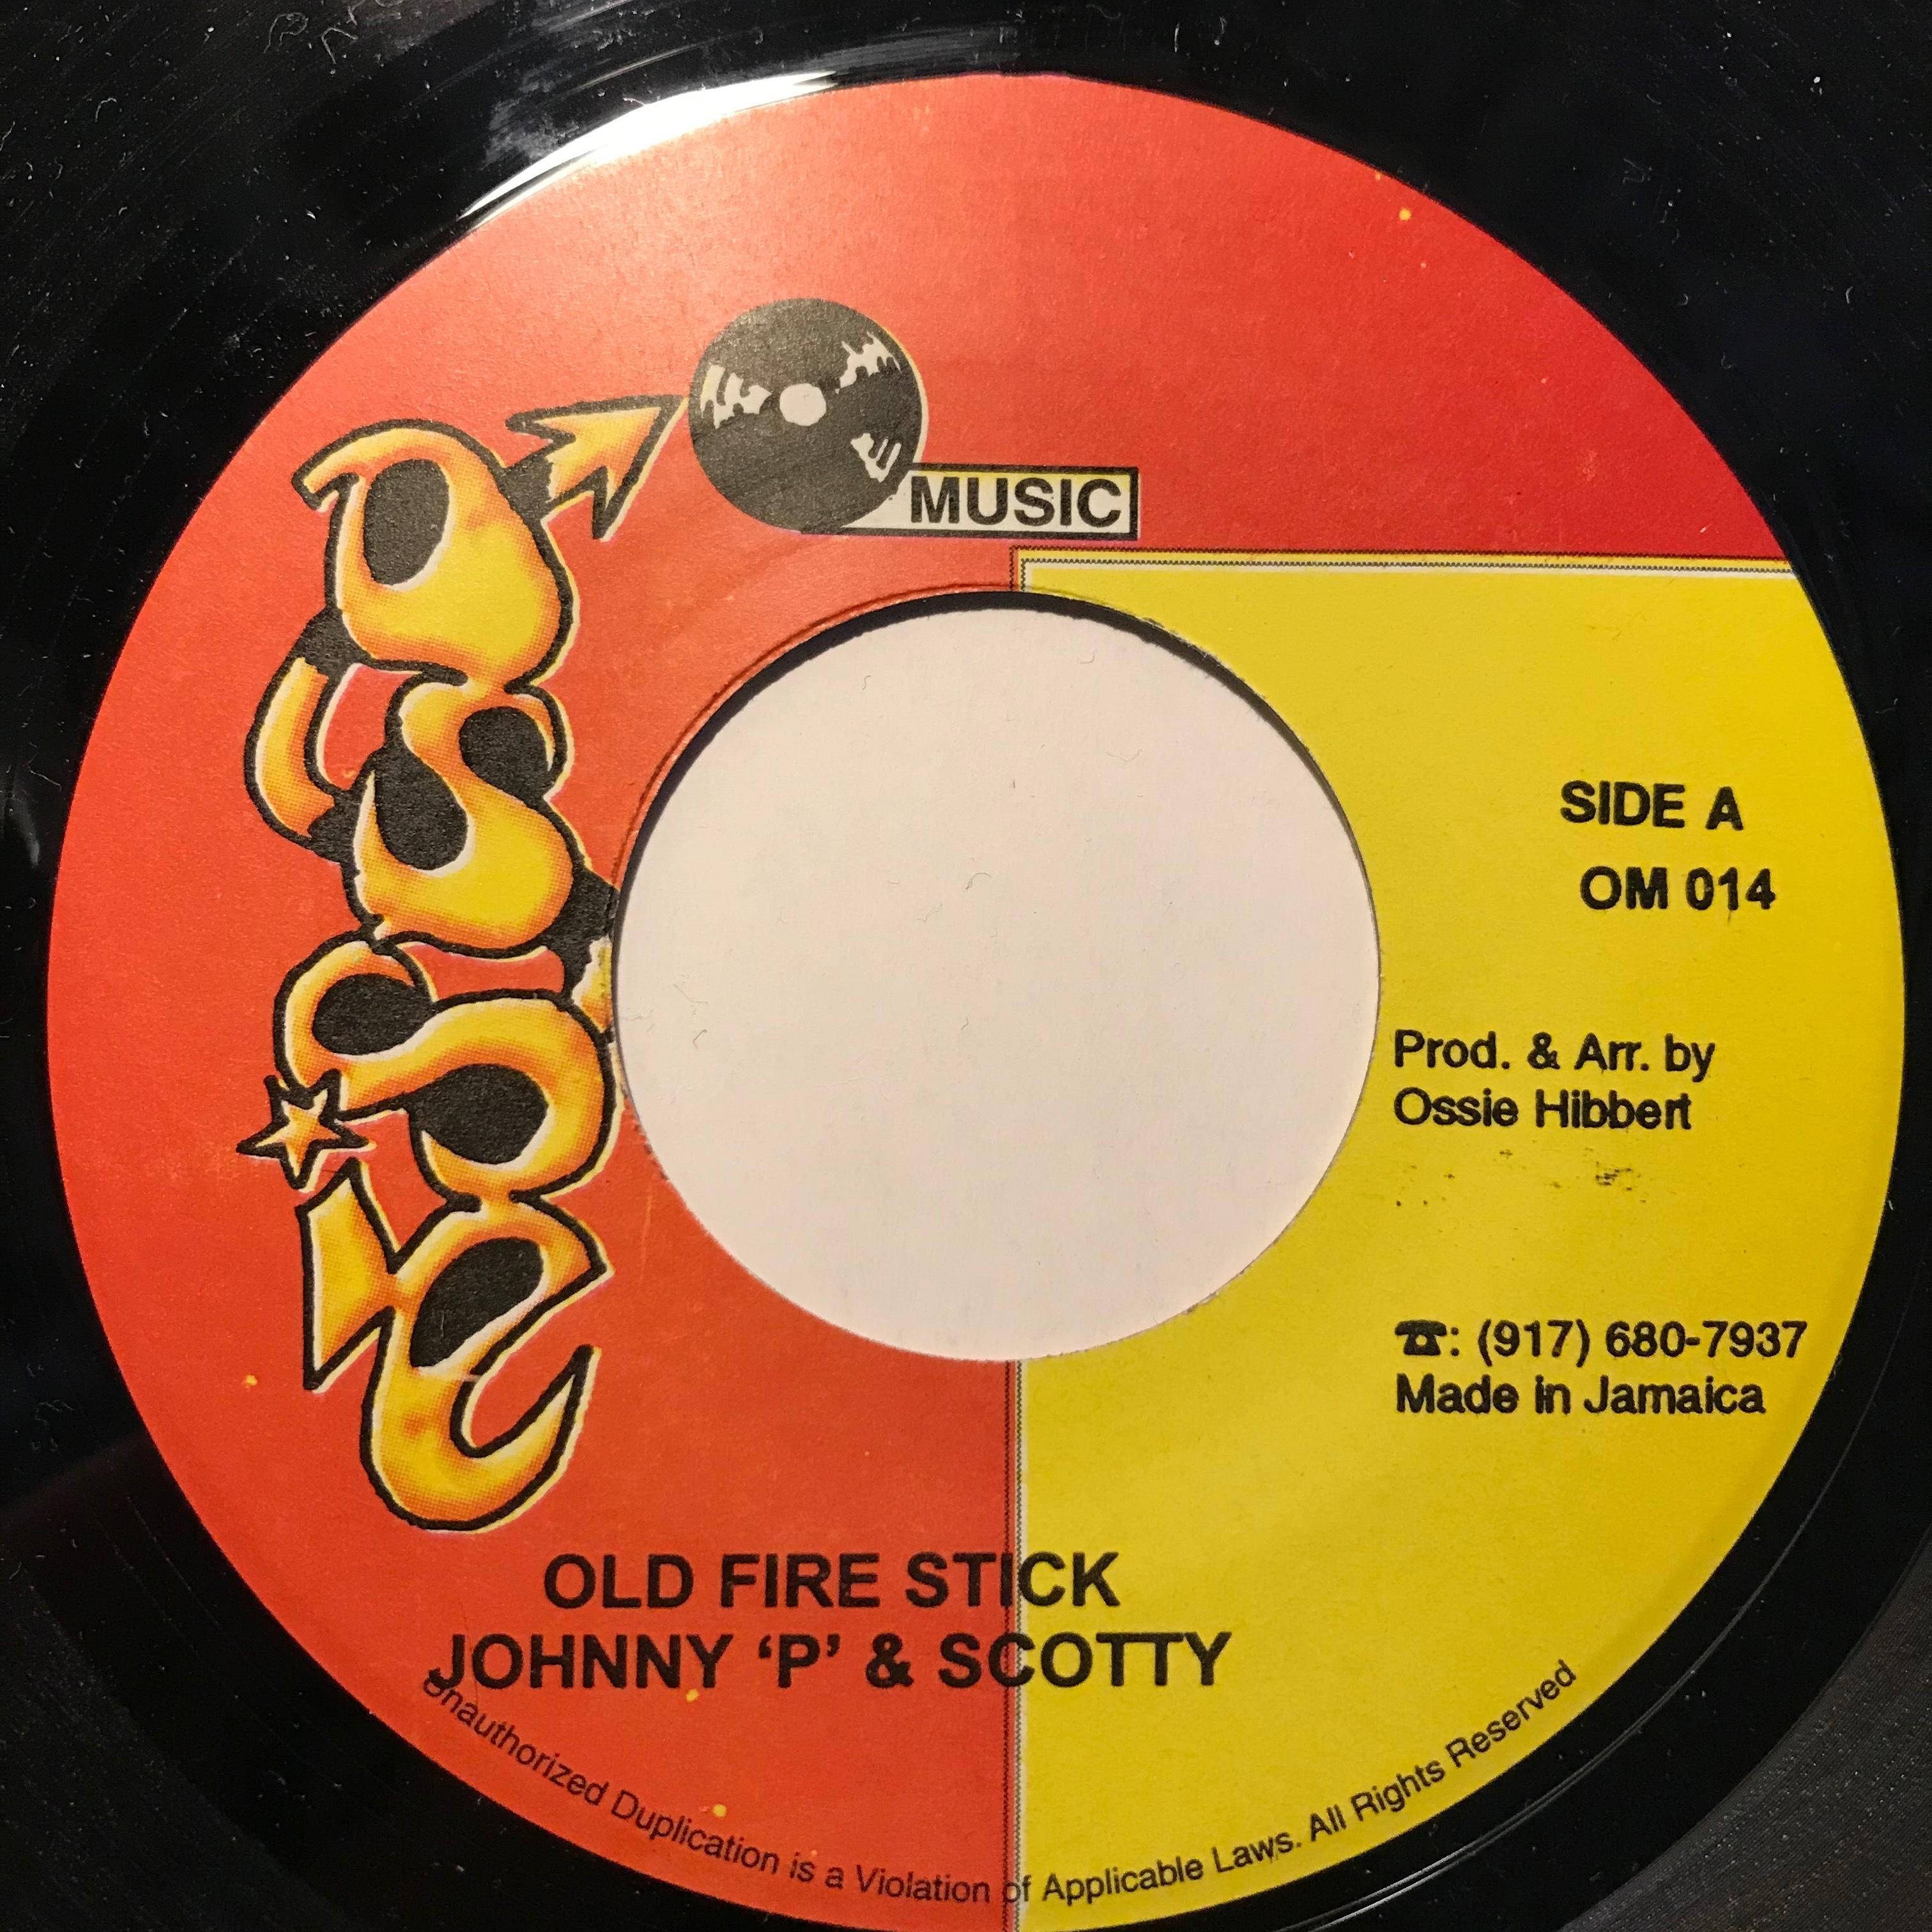 Johnny 'P' & Scotty - Old Fire Stick 【7-10803】